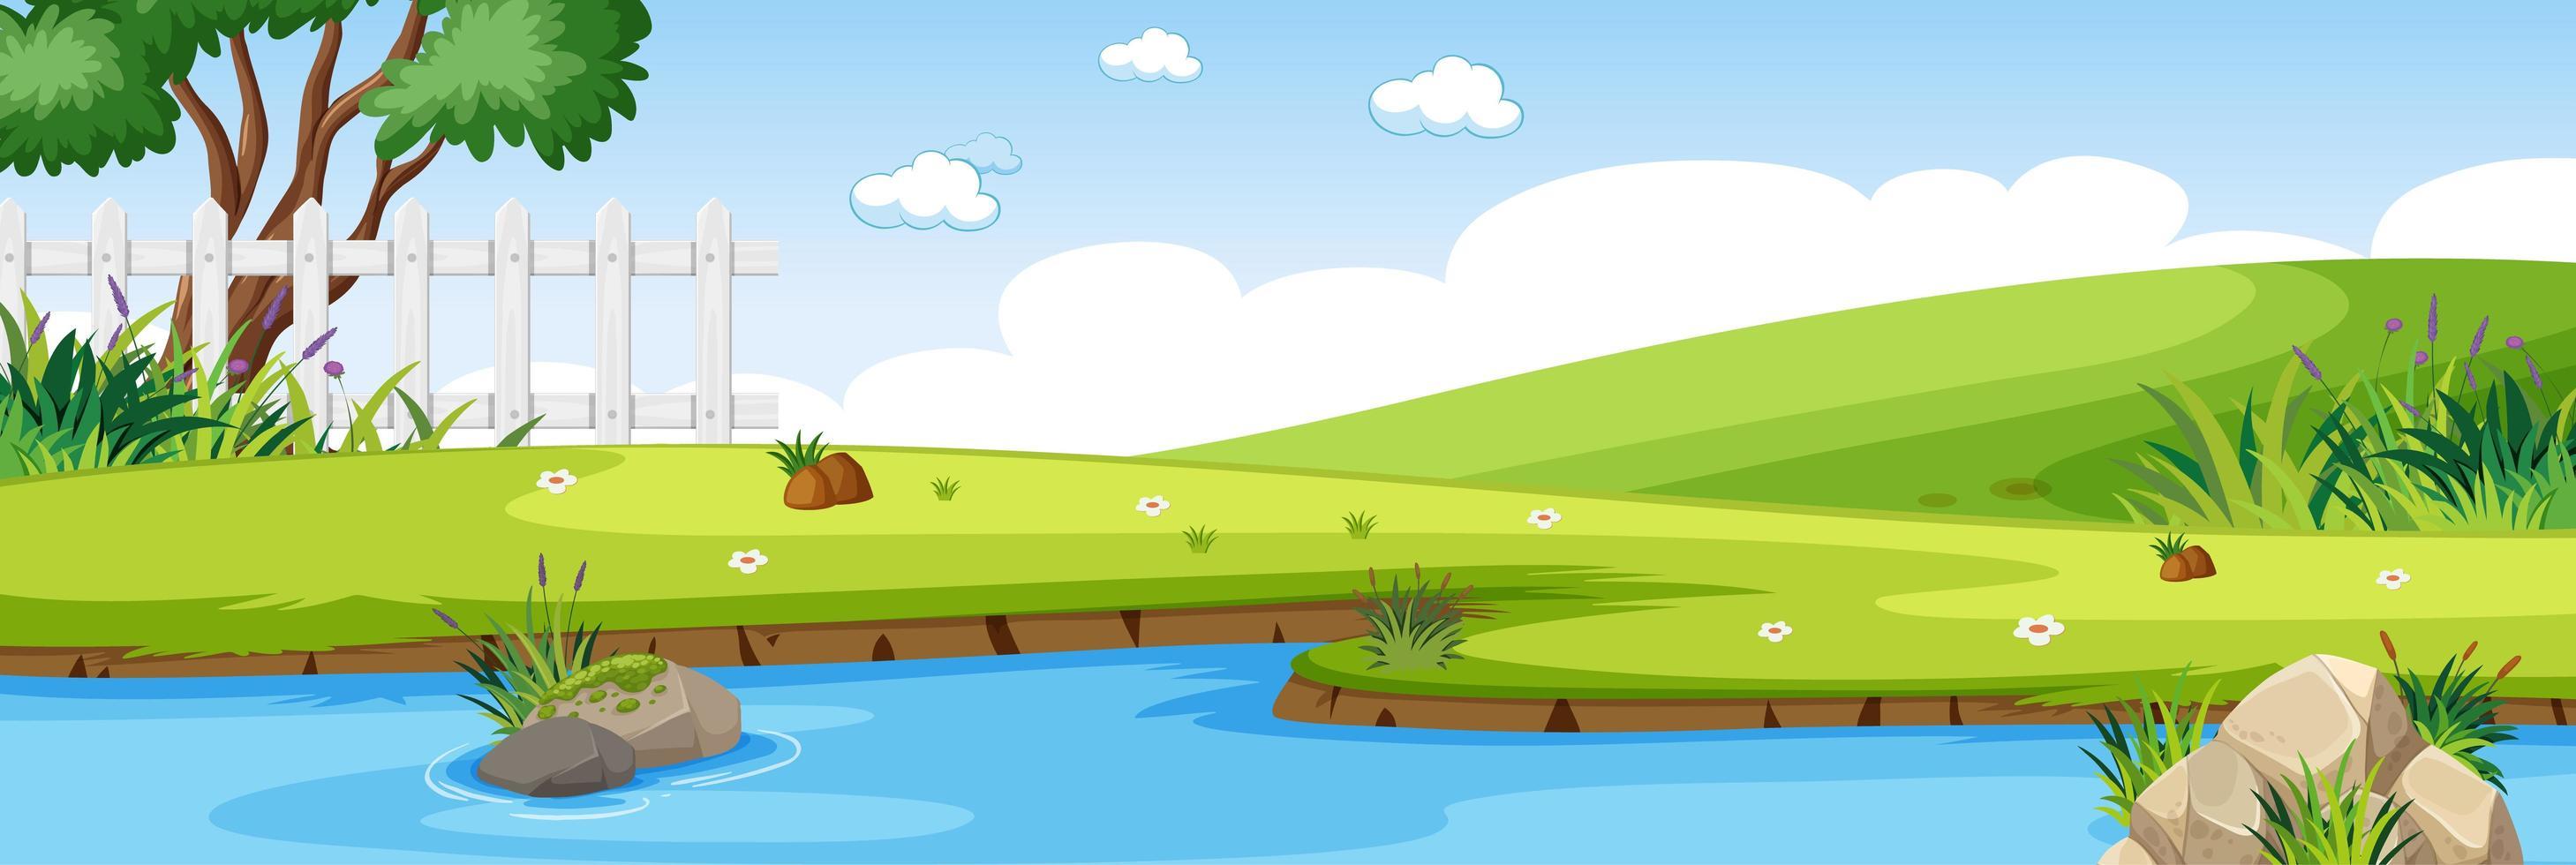 flodplats i parken med grön äng horisontell scen vektor